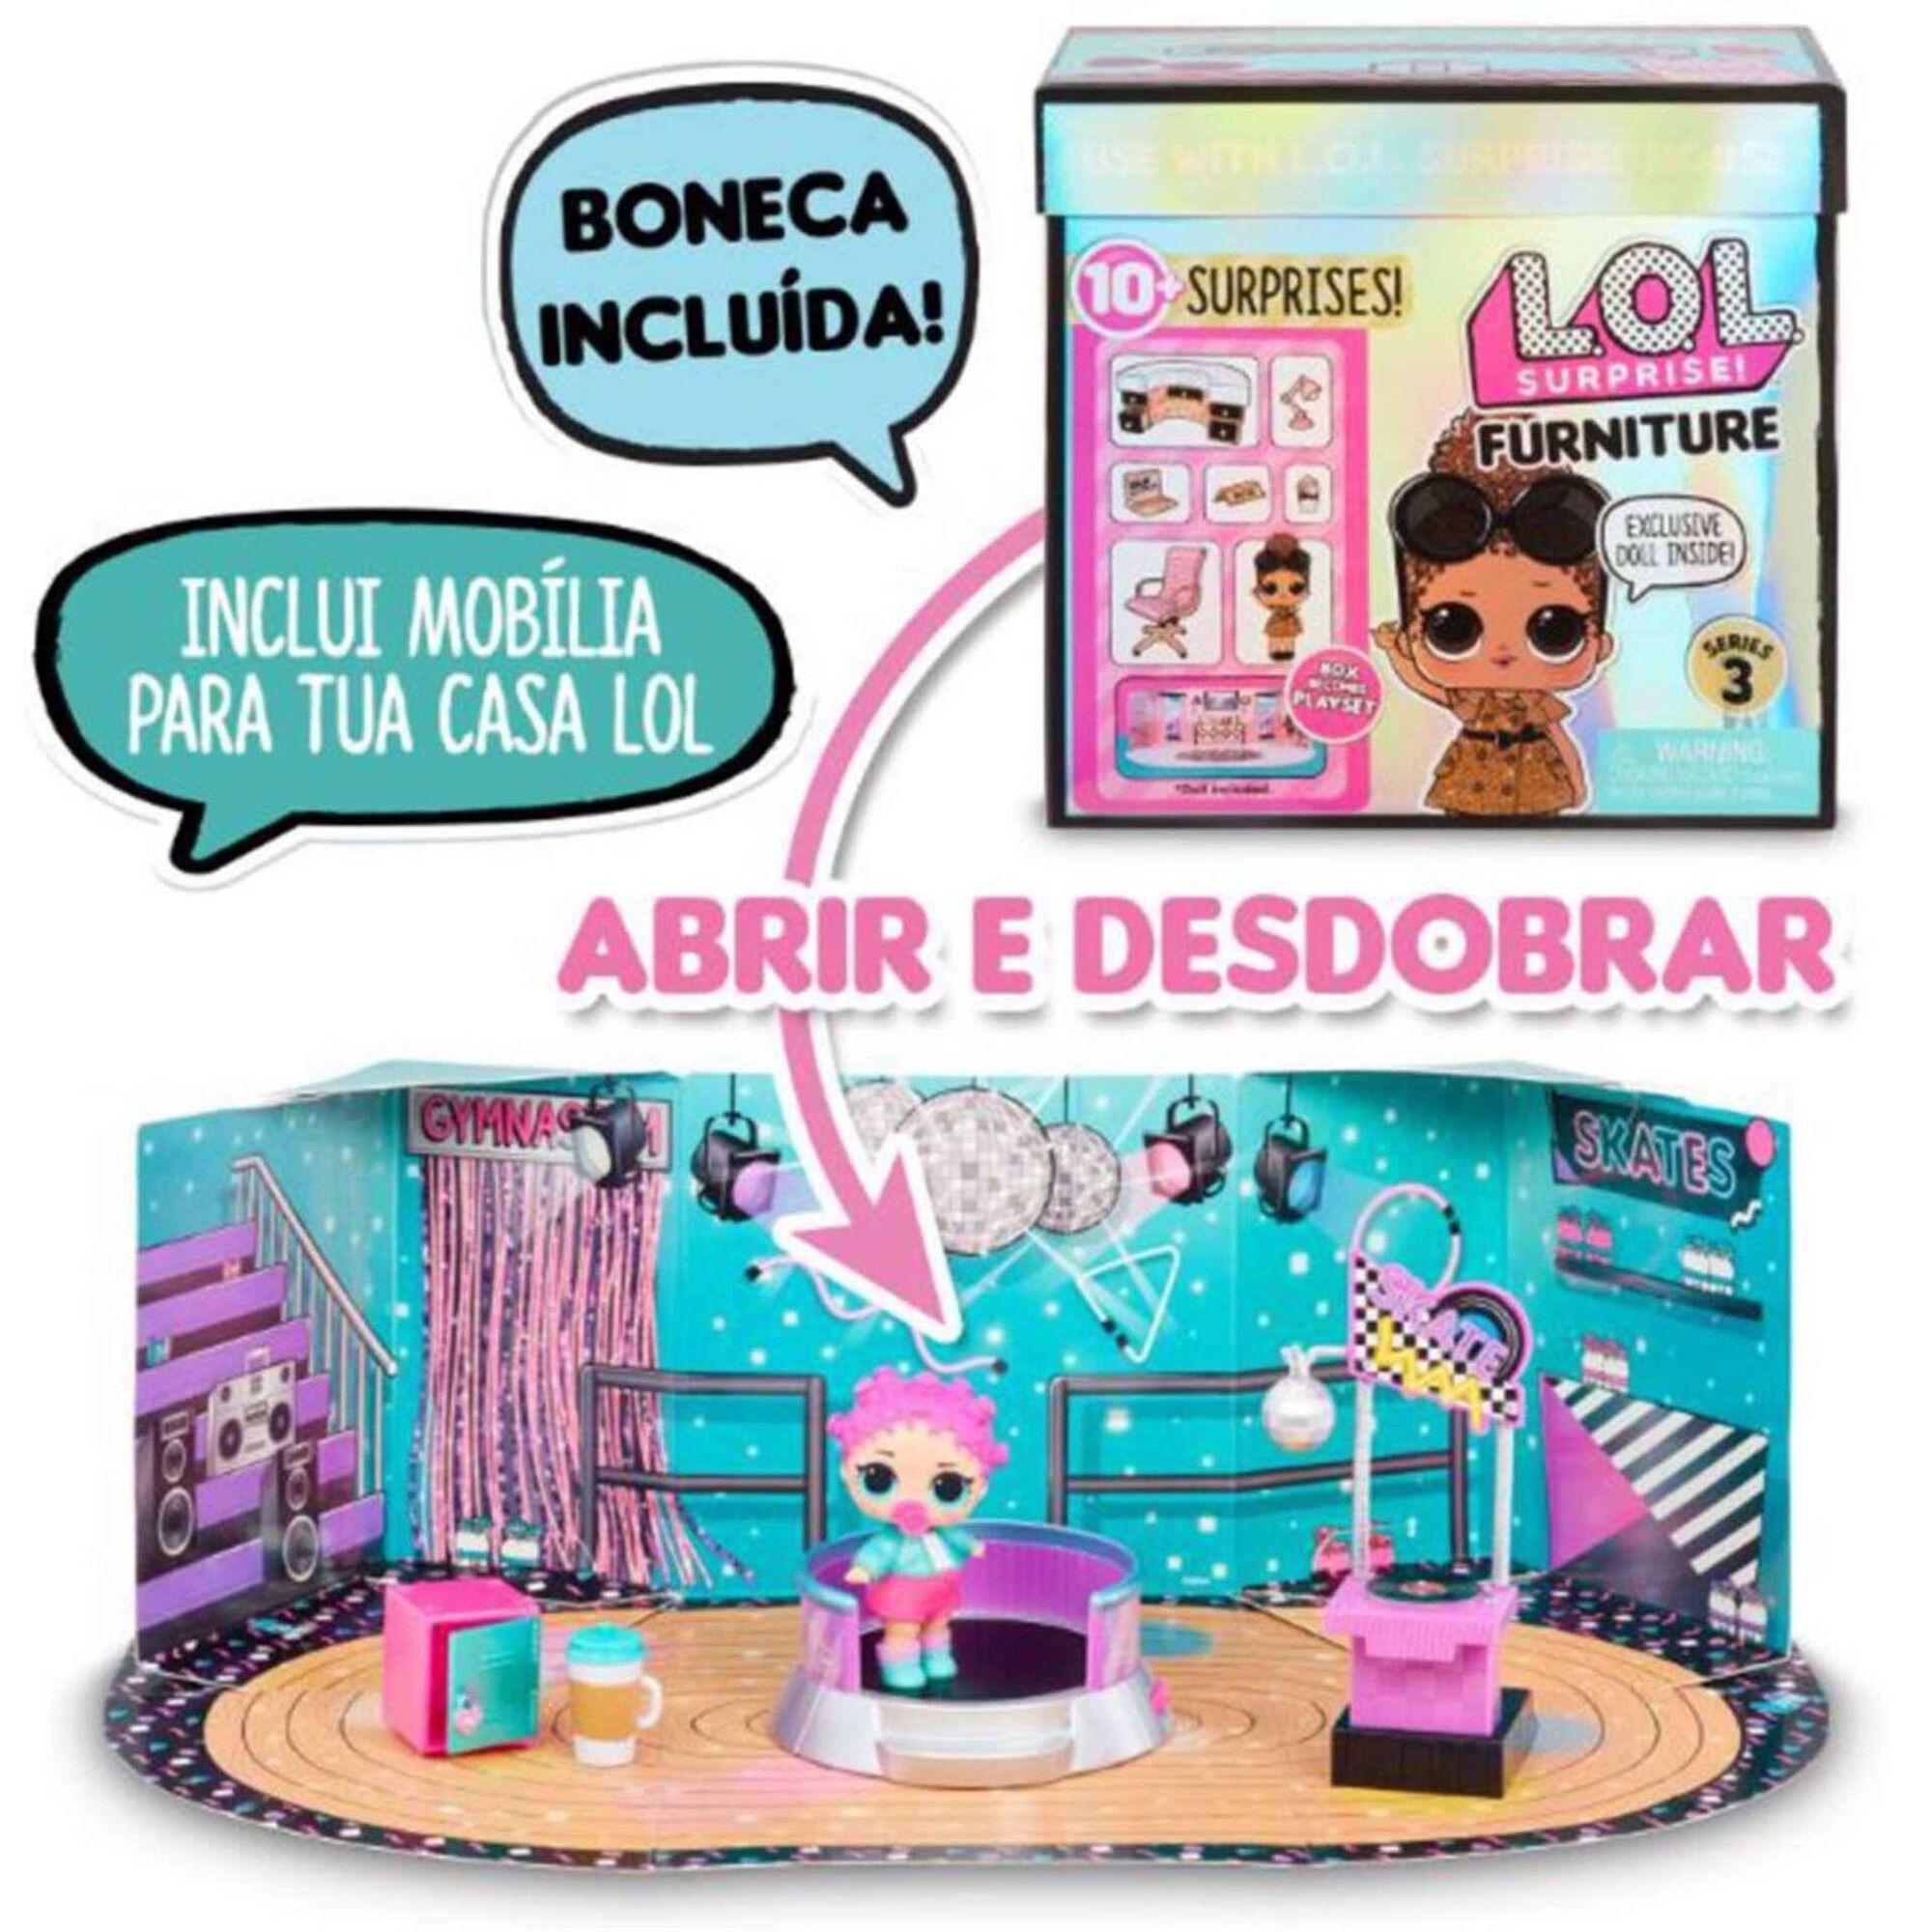 Boneca L.O.L. Surprise! e Furniture Pack (vários modelos)